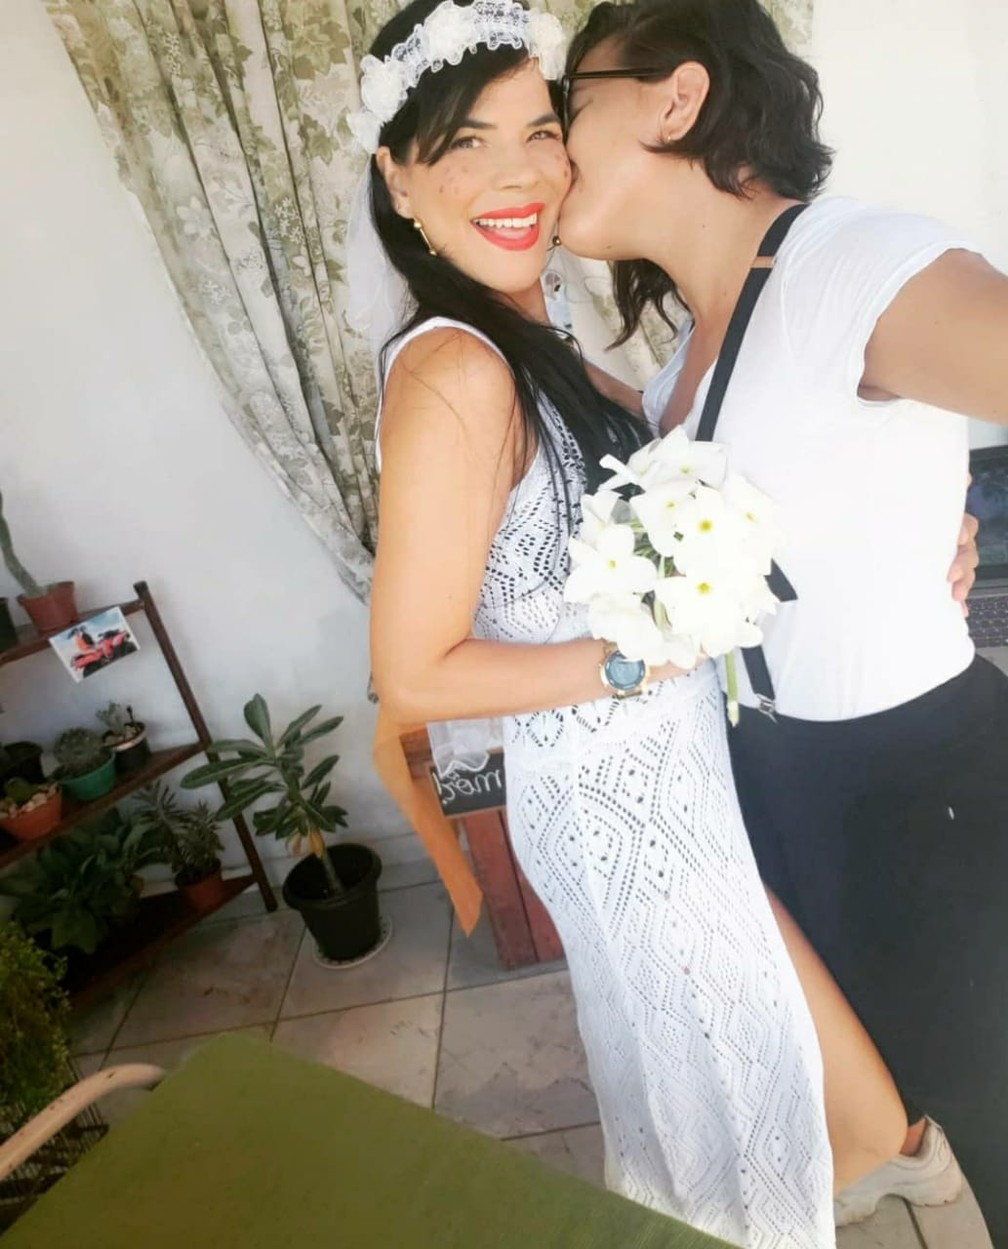 O casamento está previsto para acontecer em novembro deste ano — Foto: Arquivo Pessoal /Welly Stefani